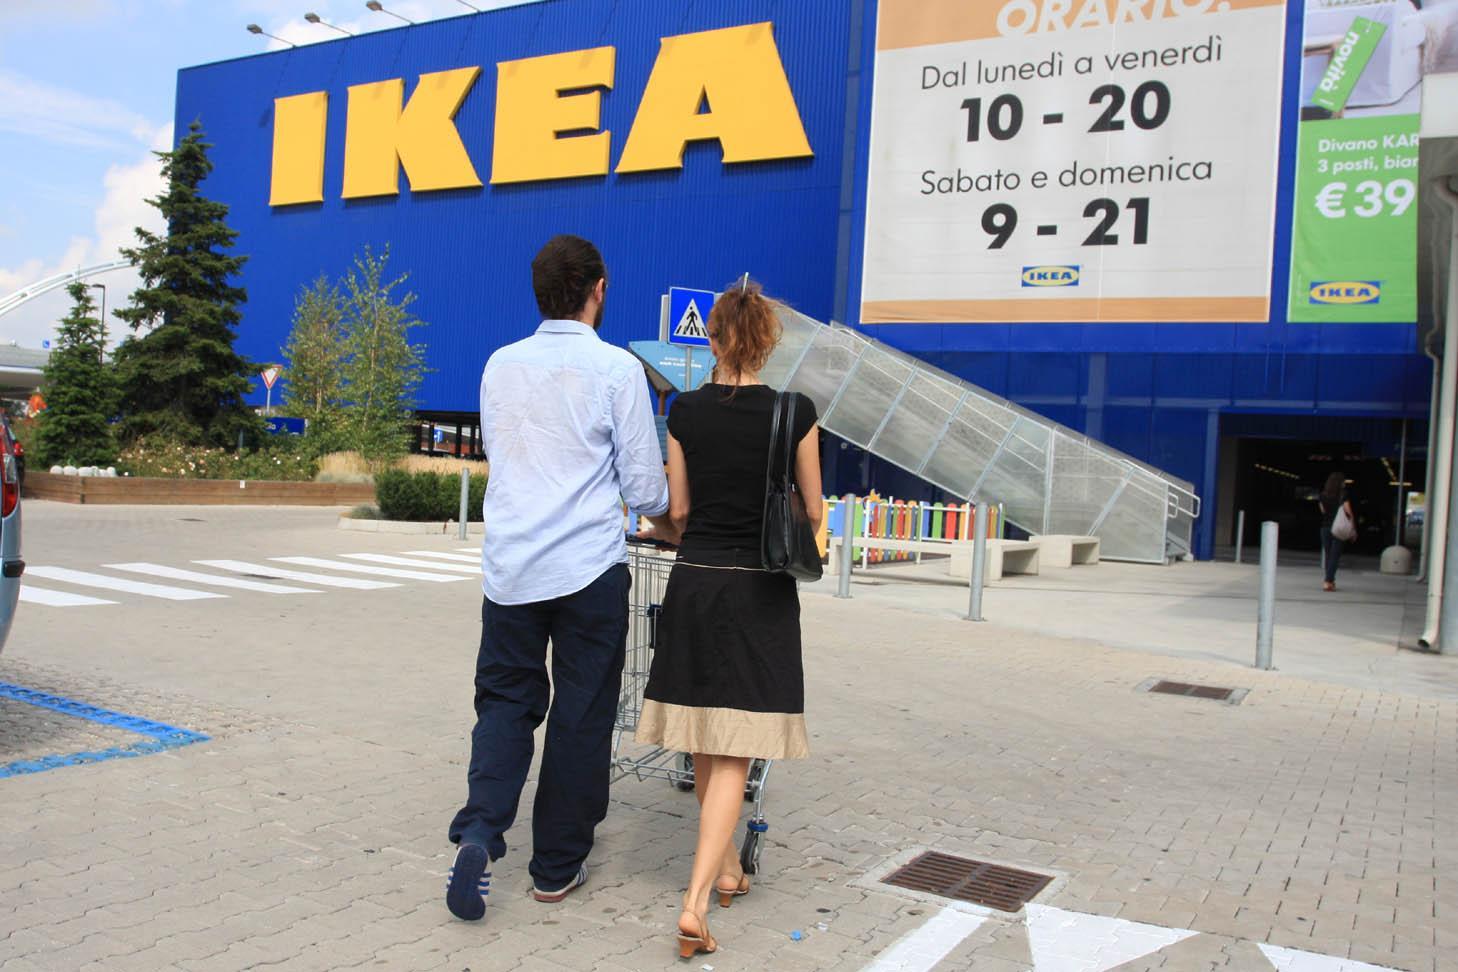 Ikea Ufficio Stampa : Ikea sbarca a verona: «il progetto è ok si farà» corrieredelveneto.it